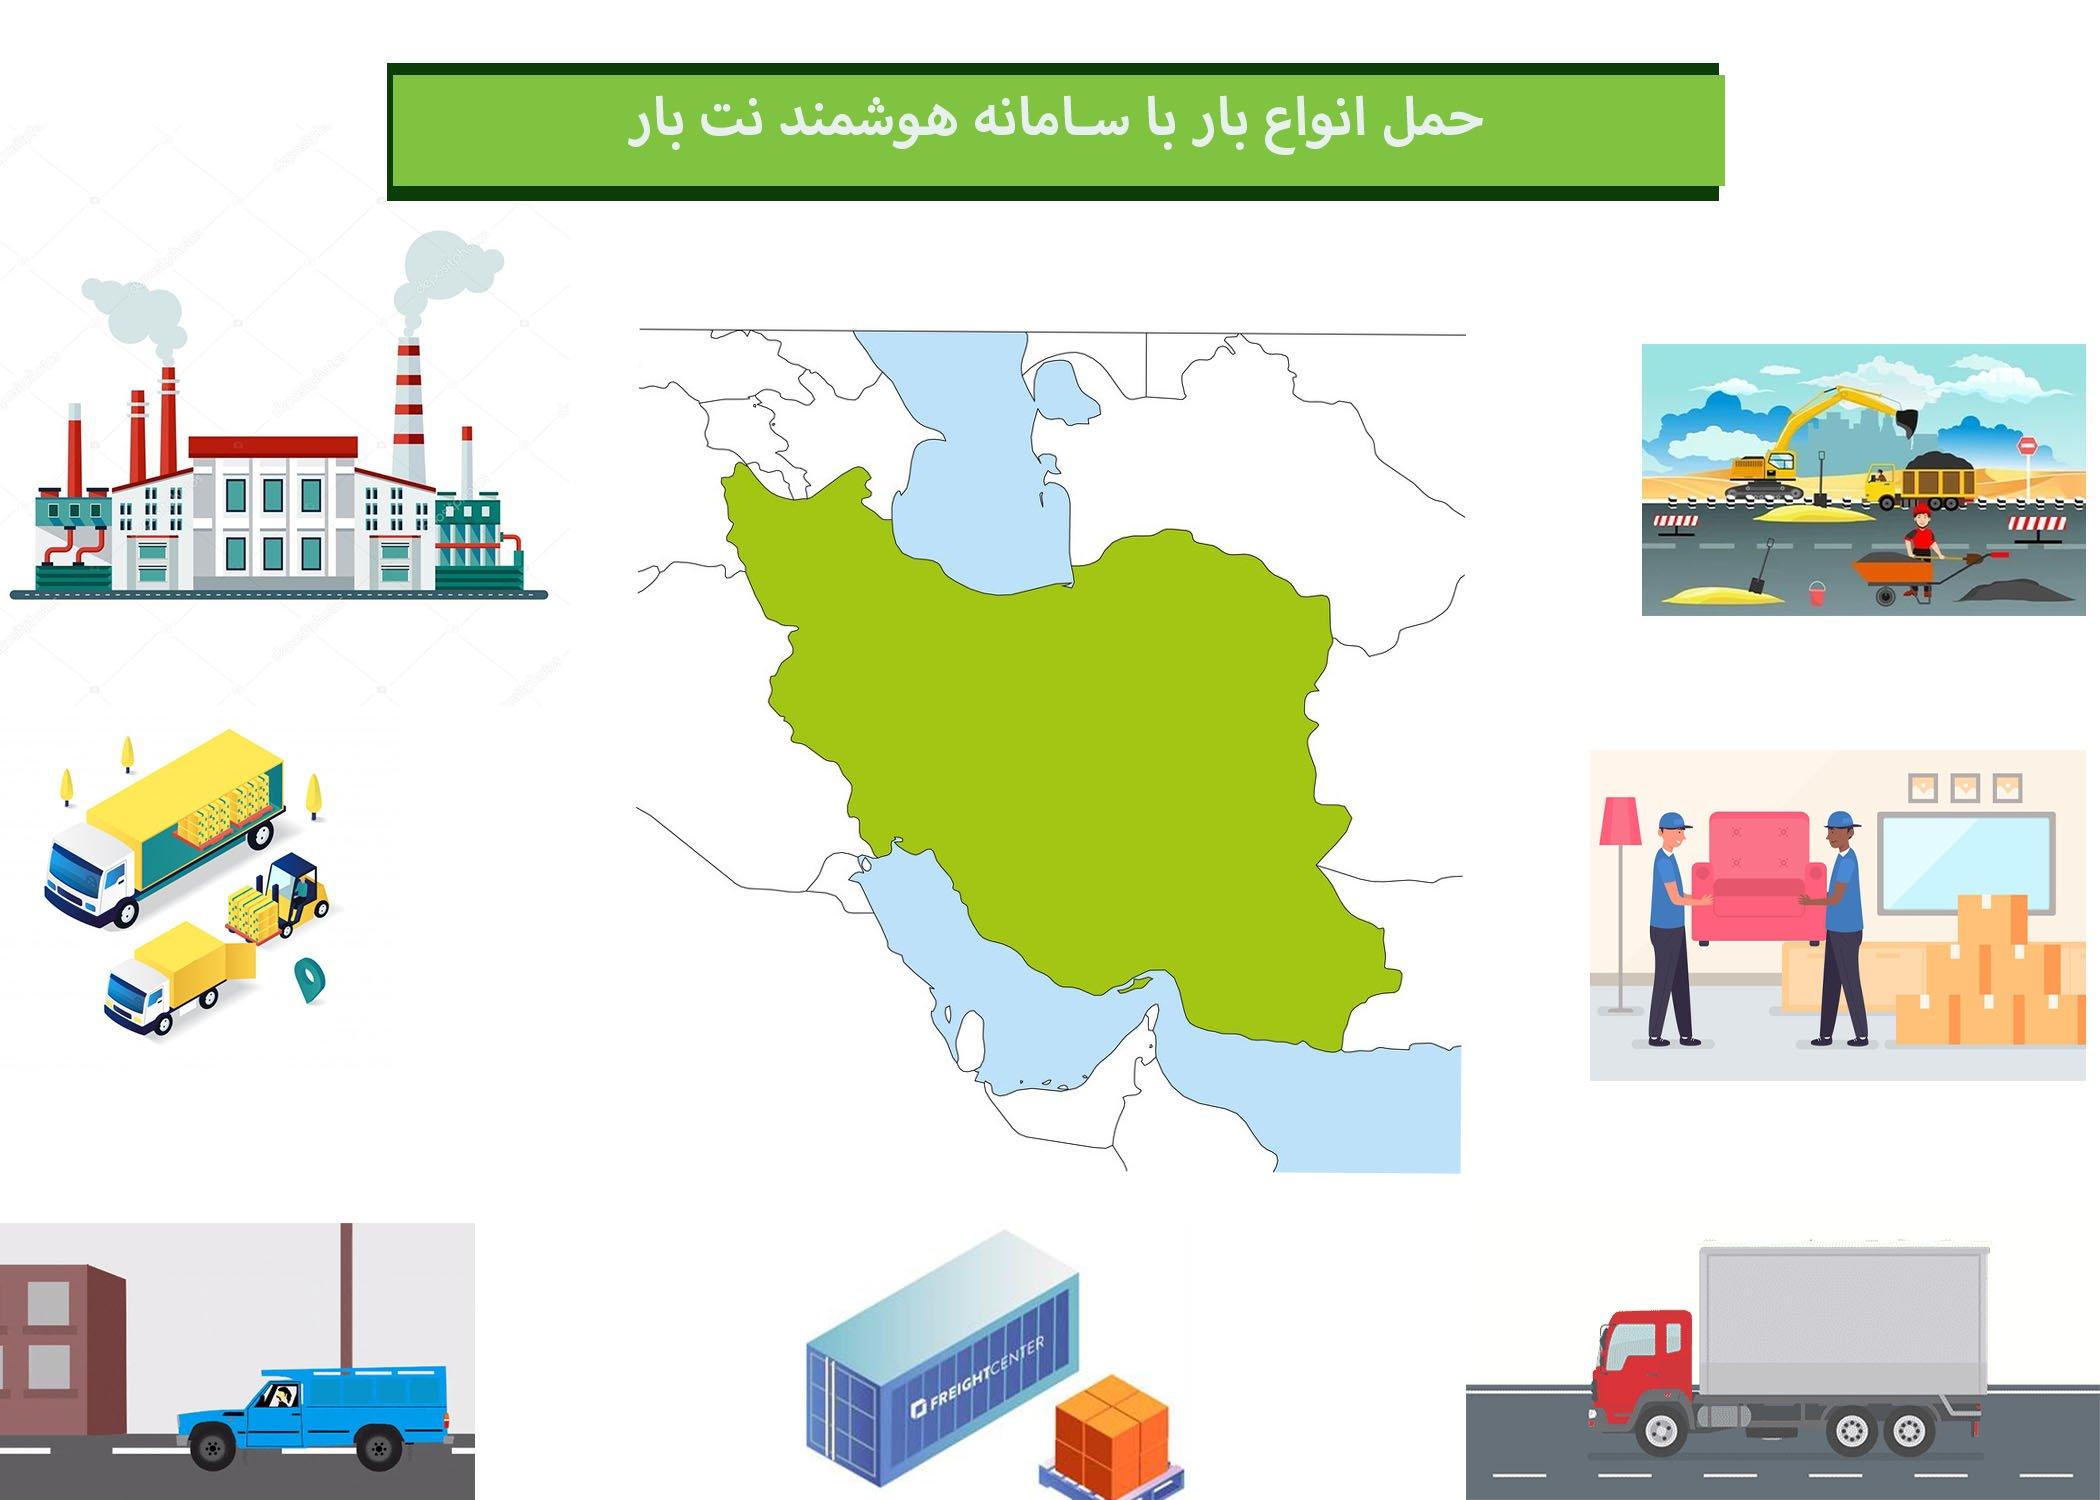 حمل بار تهران با سامانه هوشمند حمل و نقل